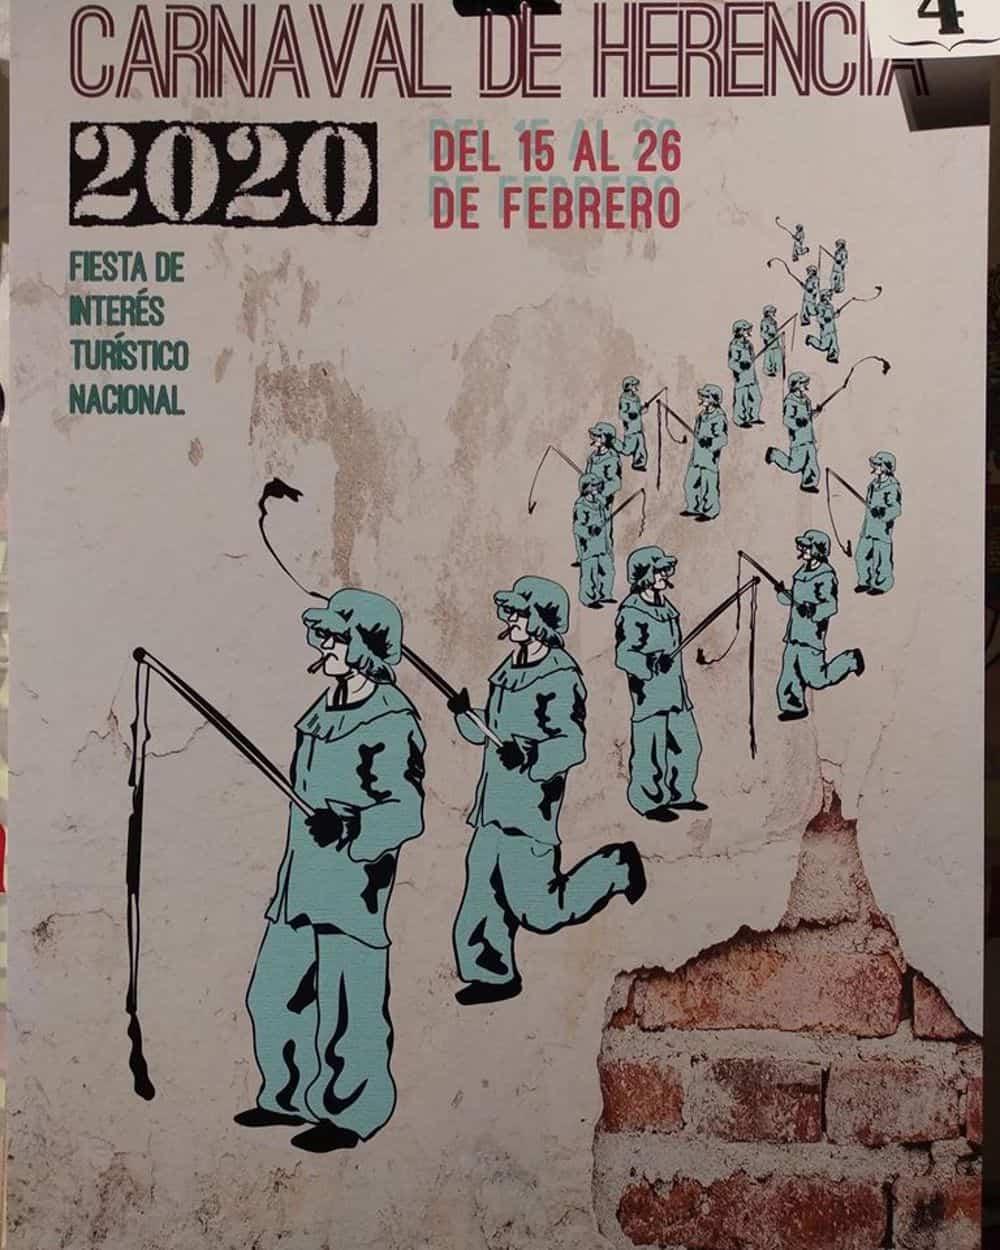 carteles carnaval 2020 herencia 10 - Conoce los carteles de Carnaval de Herencia 2020, ¿cuál te gusta más?